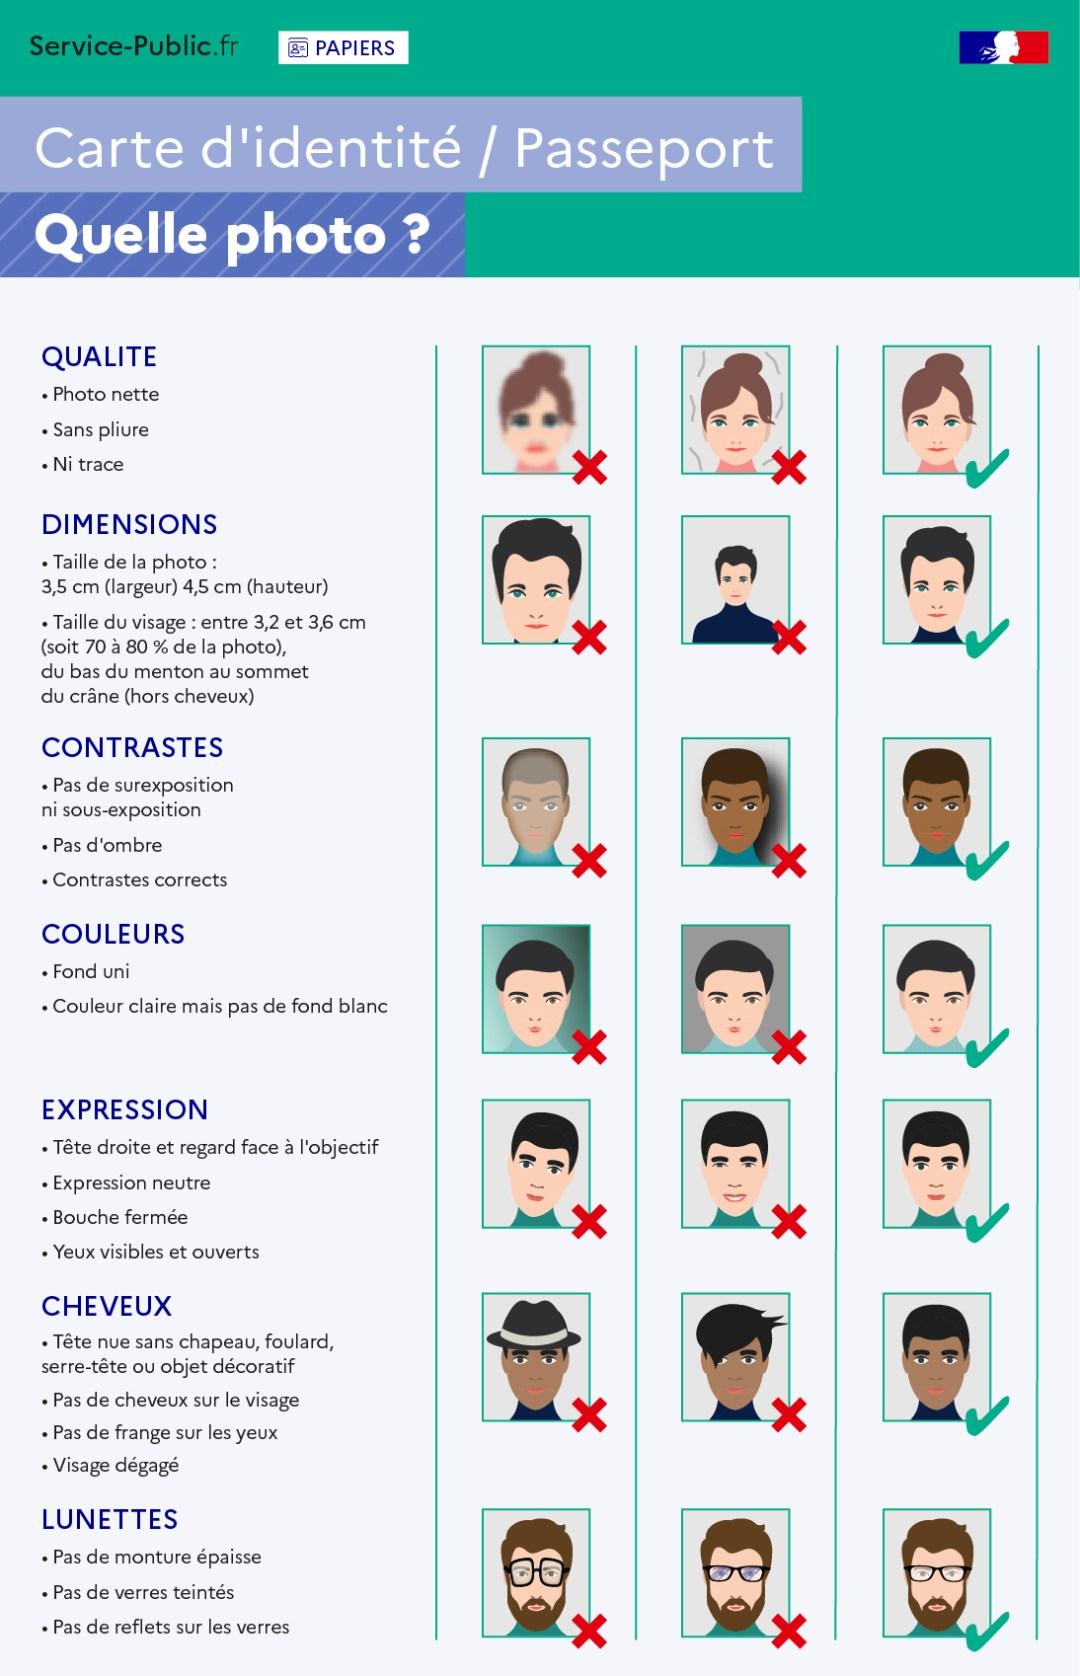 Exemples de photos acceptées ou refusées (lunette, visage, sourire....)